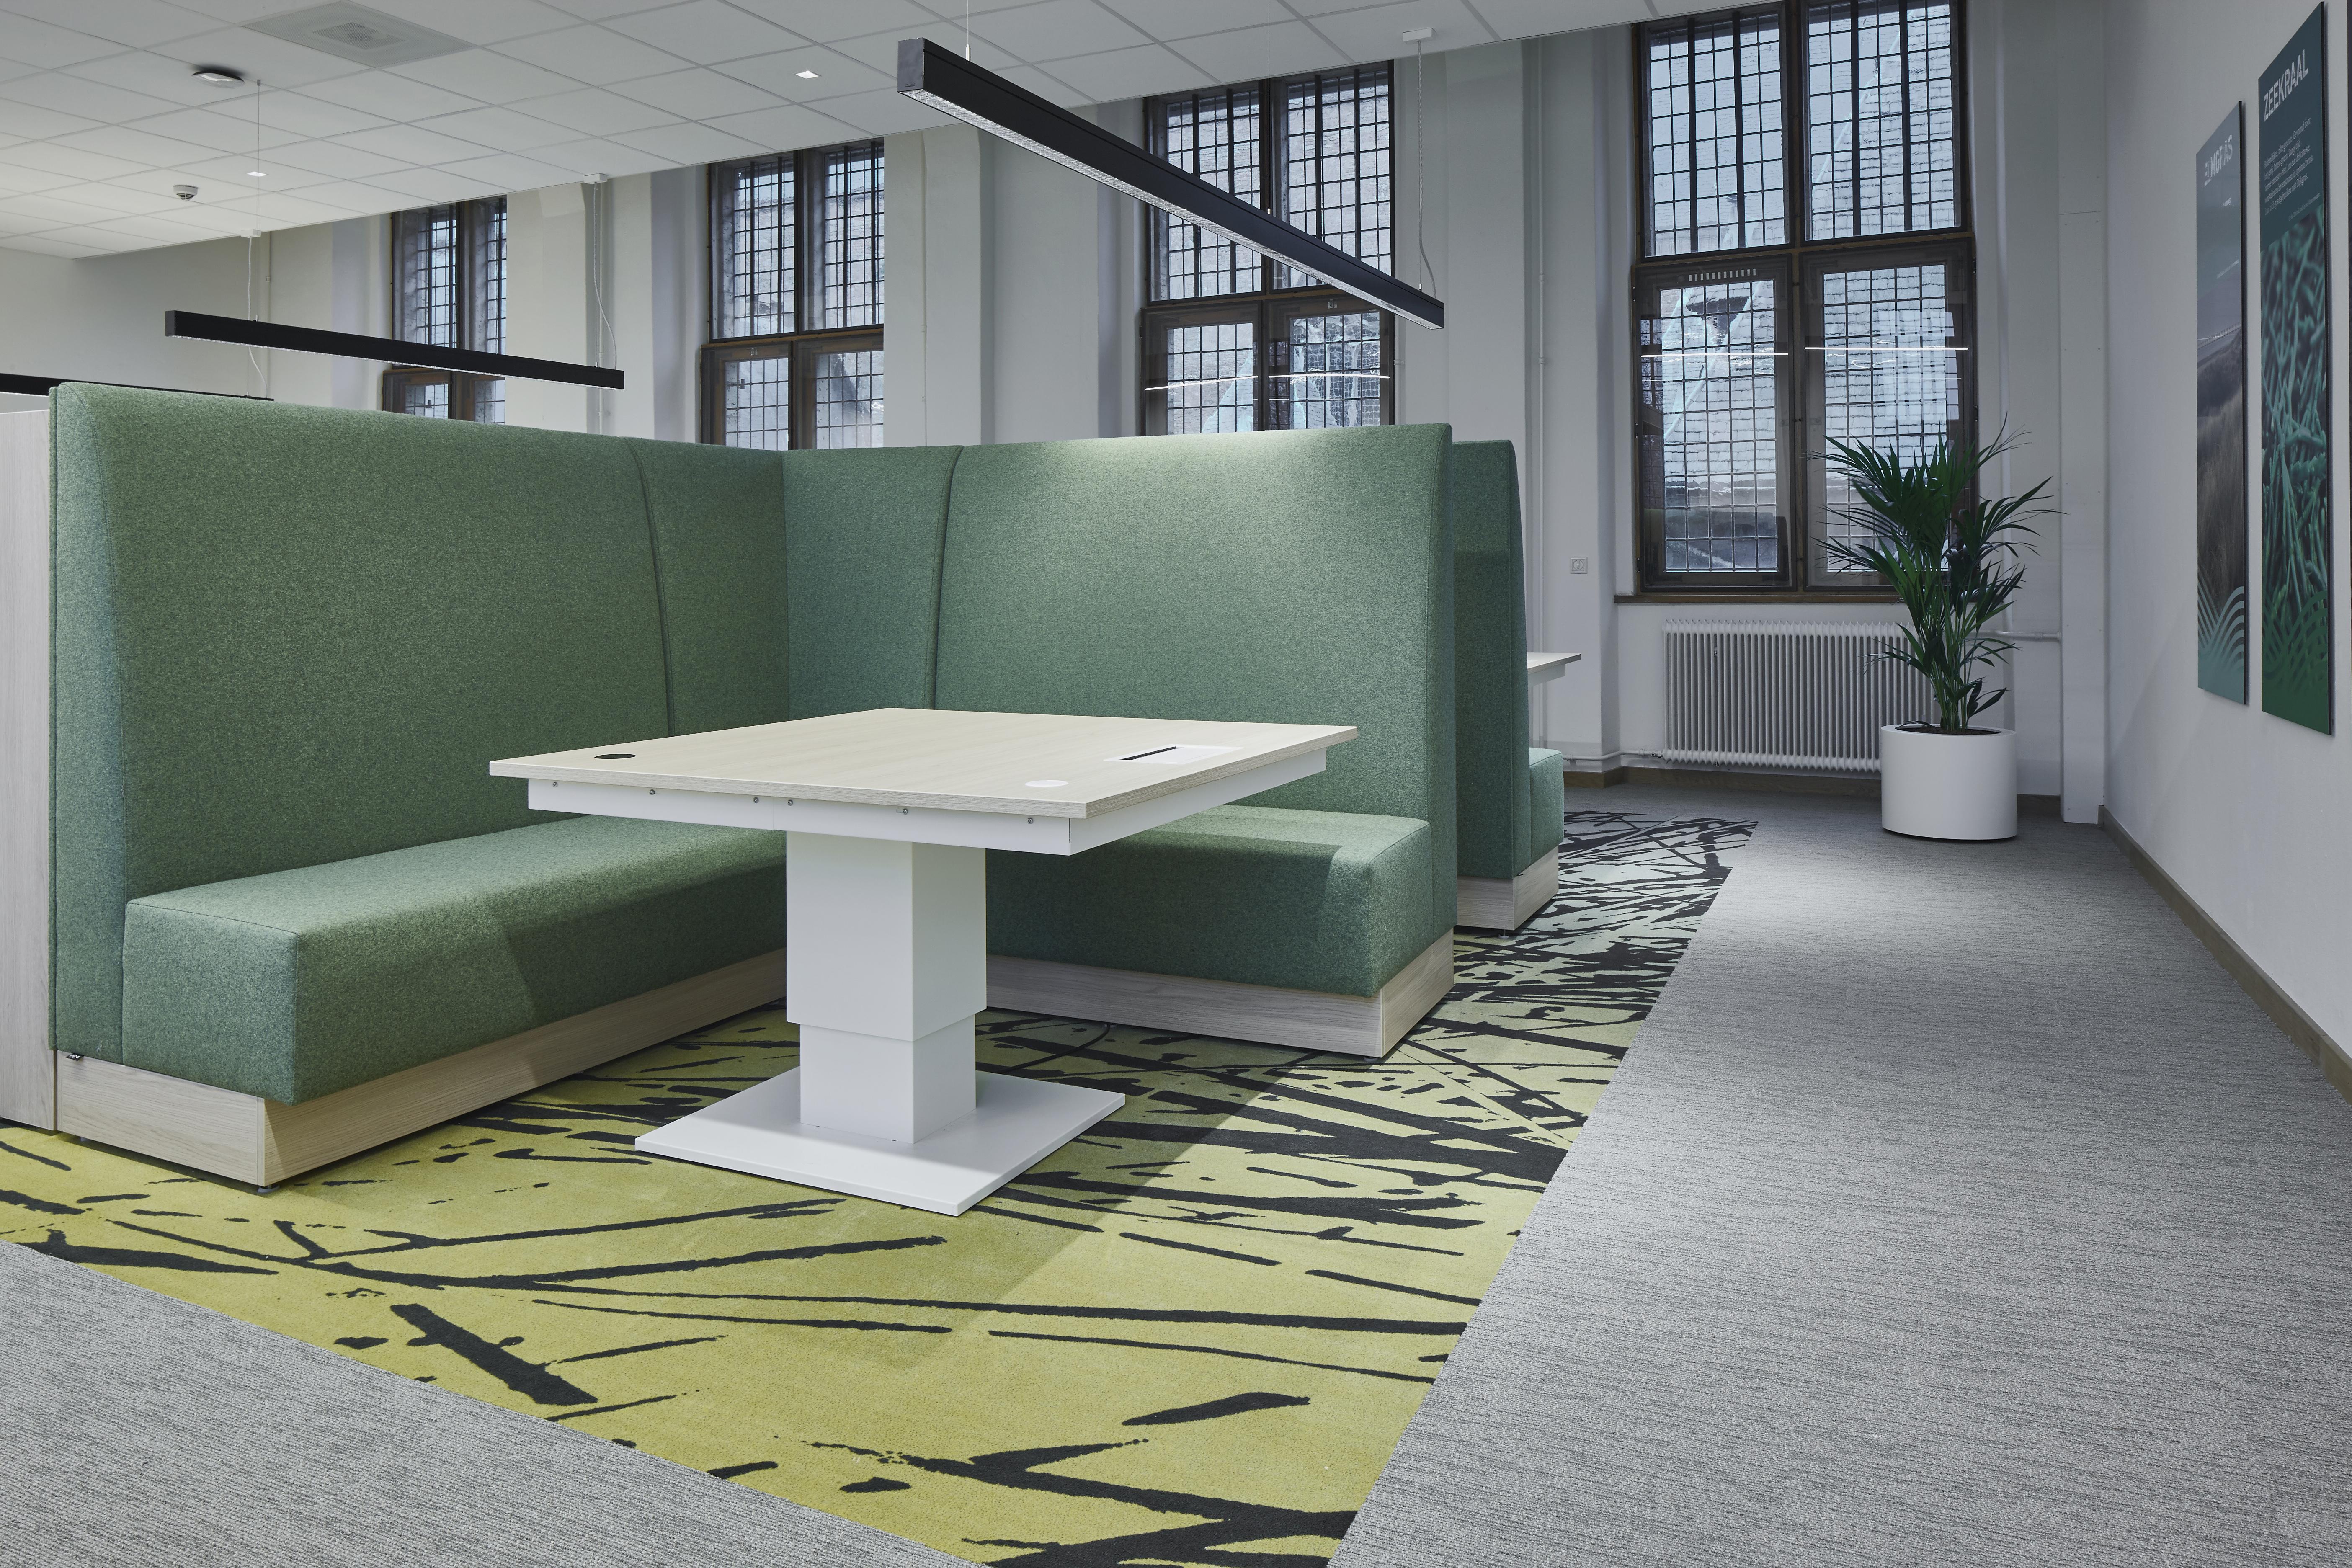 <p>De informele ontmoetingsplekken hebben opvallende kleuren die op elke verdieping anders zijn. Beeld Studio de Winter | Herman de Winter</p>